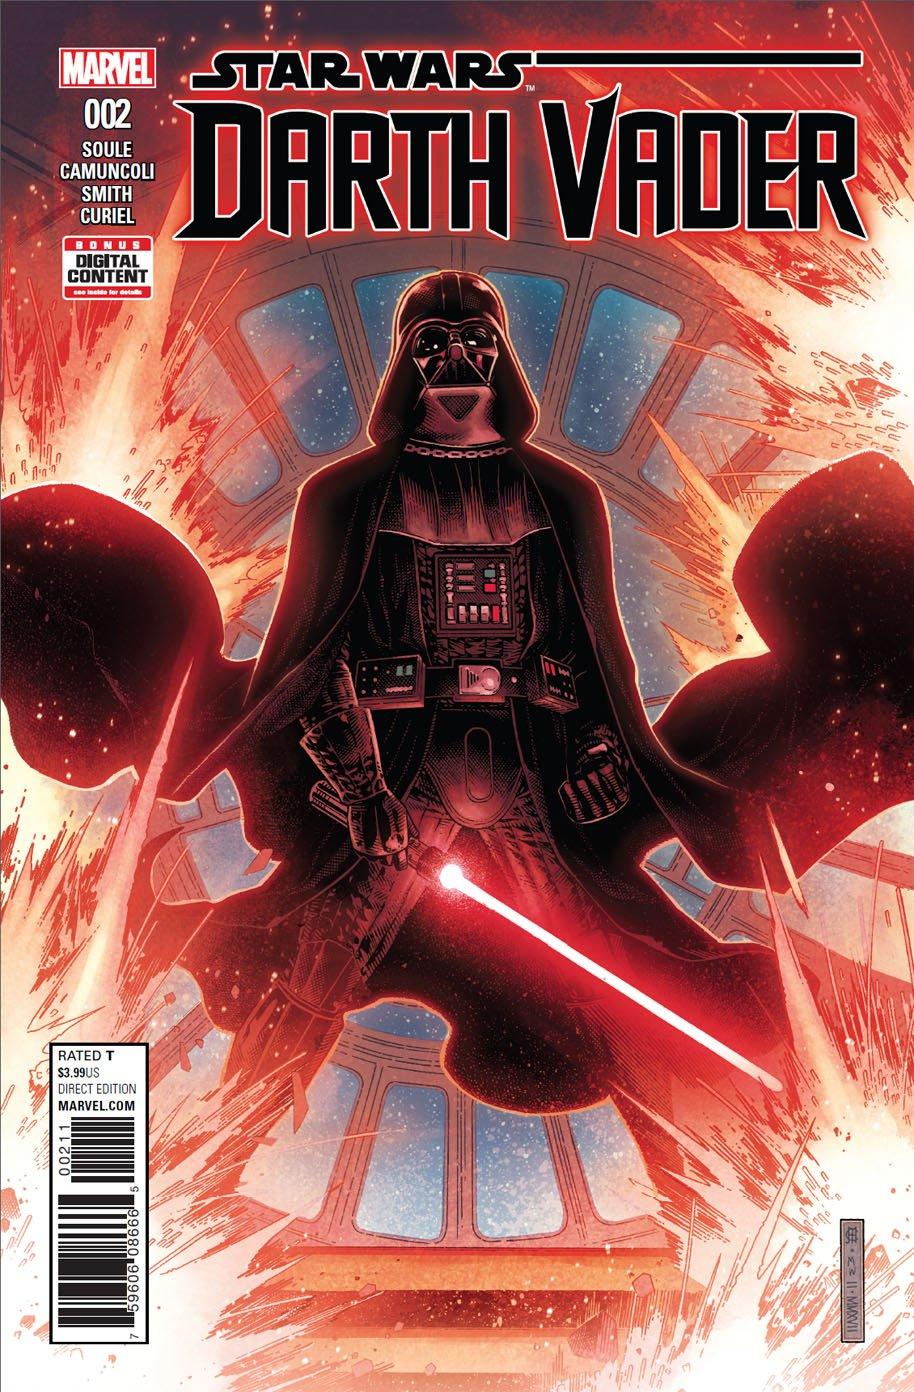 Star-Wars-Darth-Vader-2-cover-a